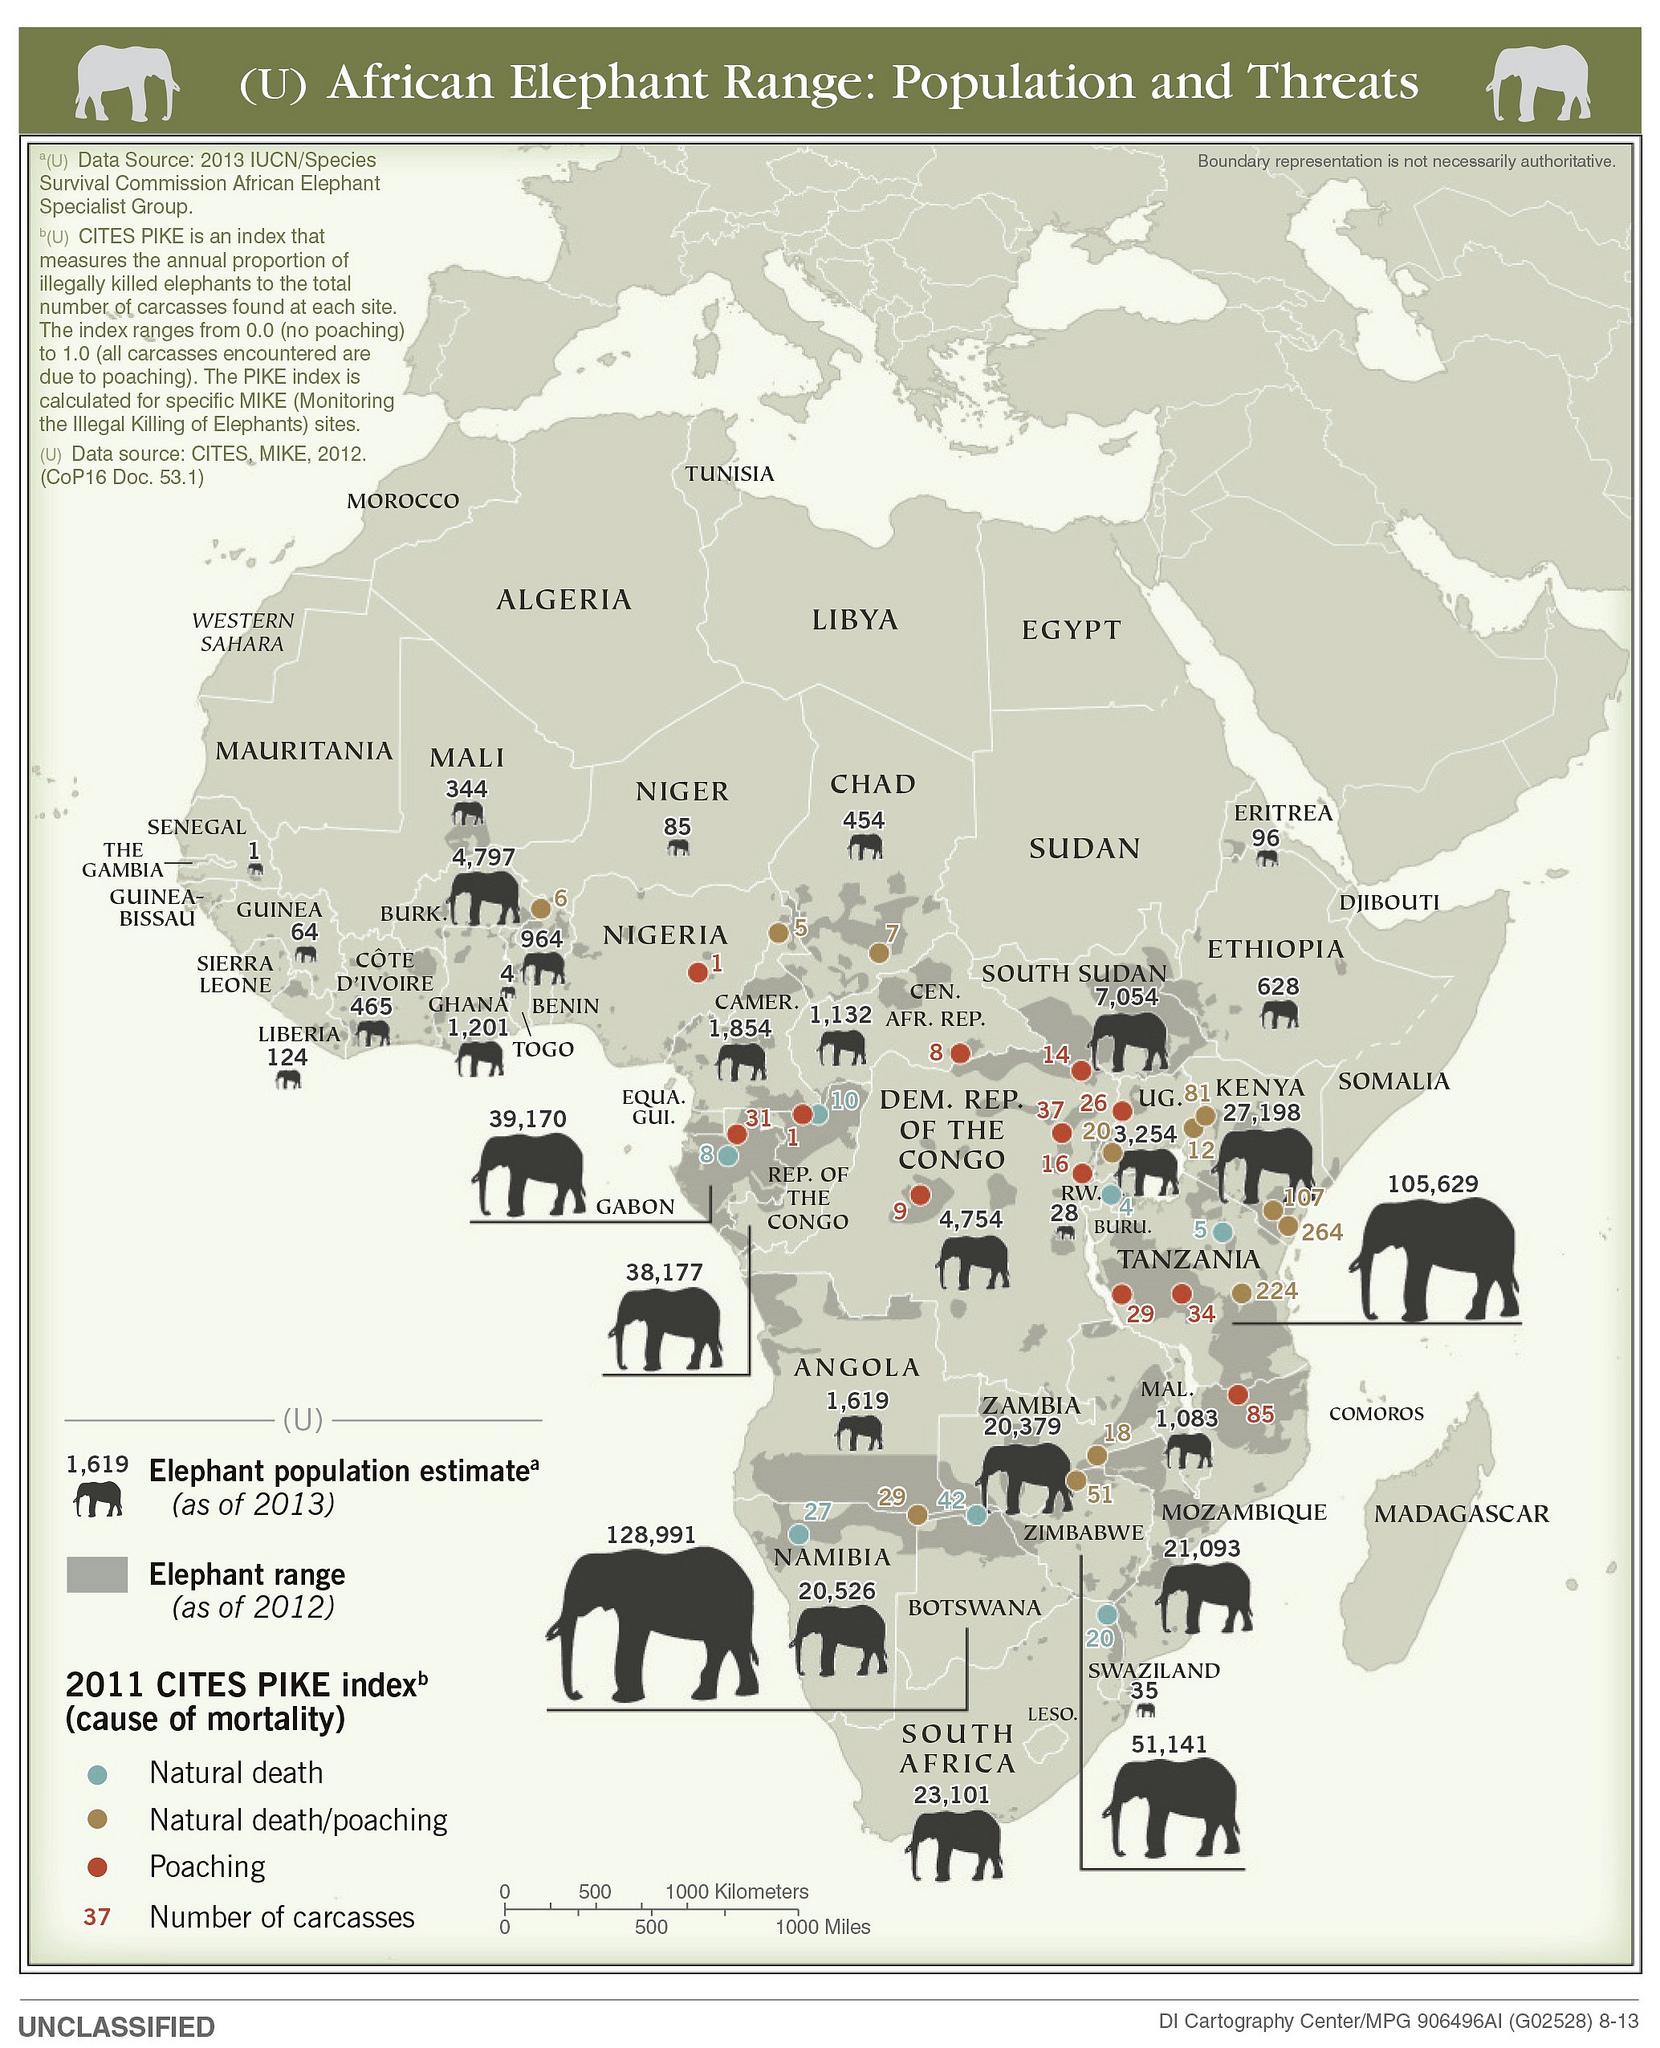 Популяция слонов в Африке (2012)